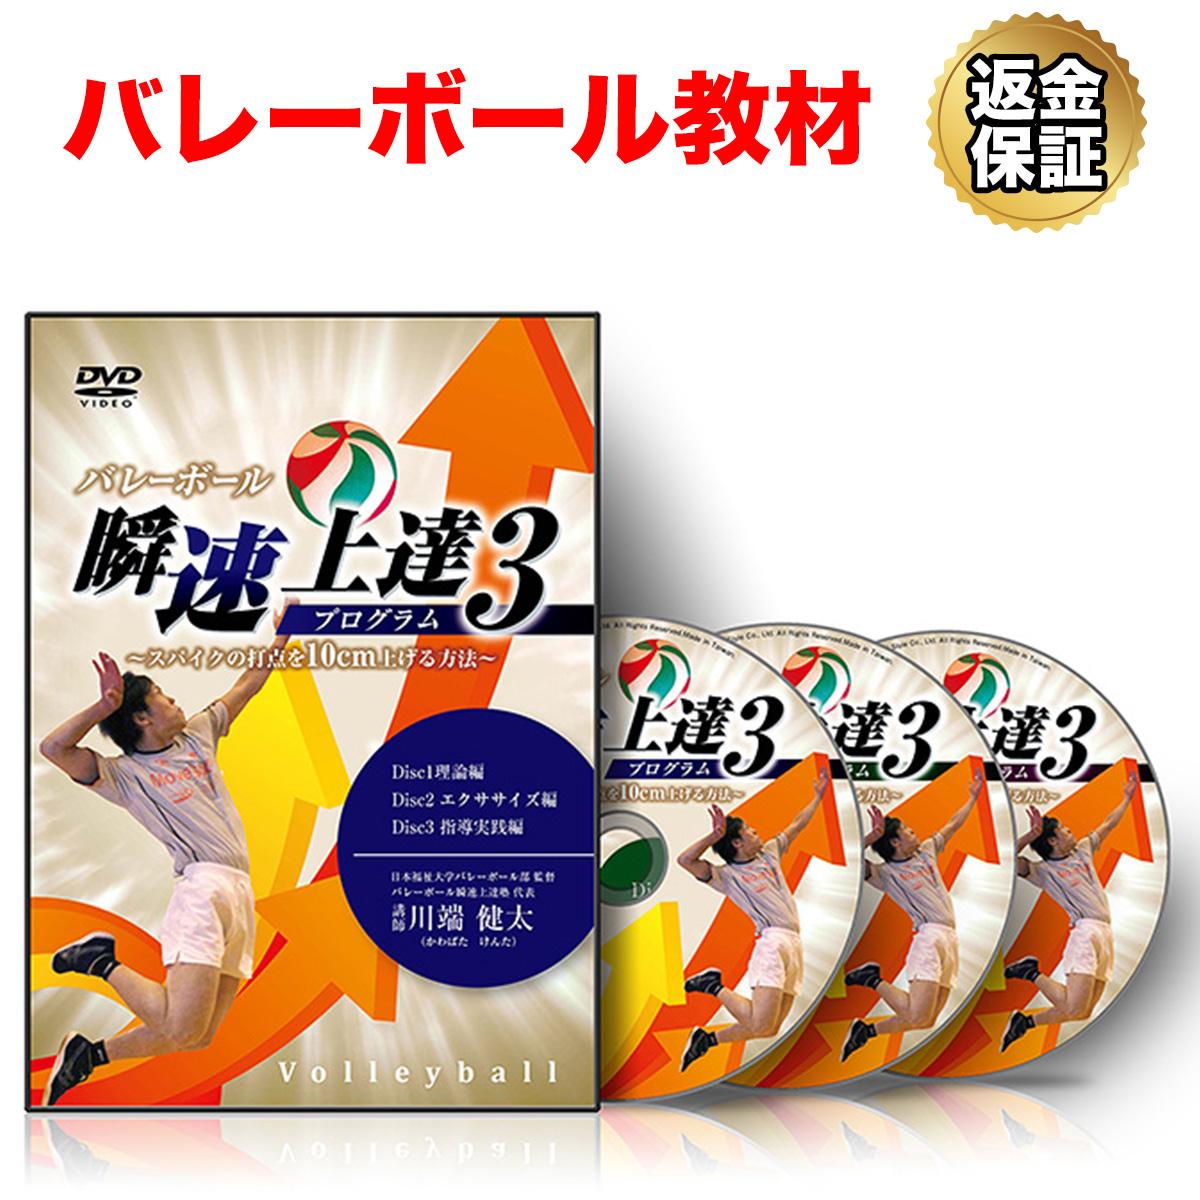 【バレーボール】バレーボール瞬速上達プログラム3~スパイクの打点を10上げる方法~